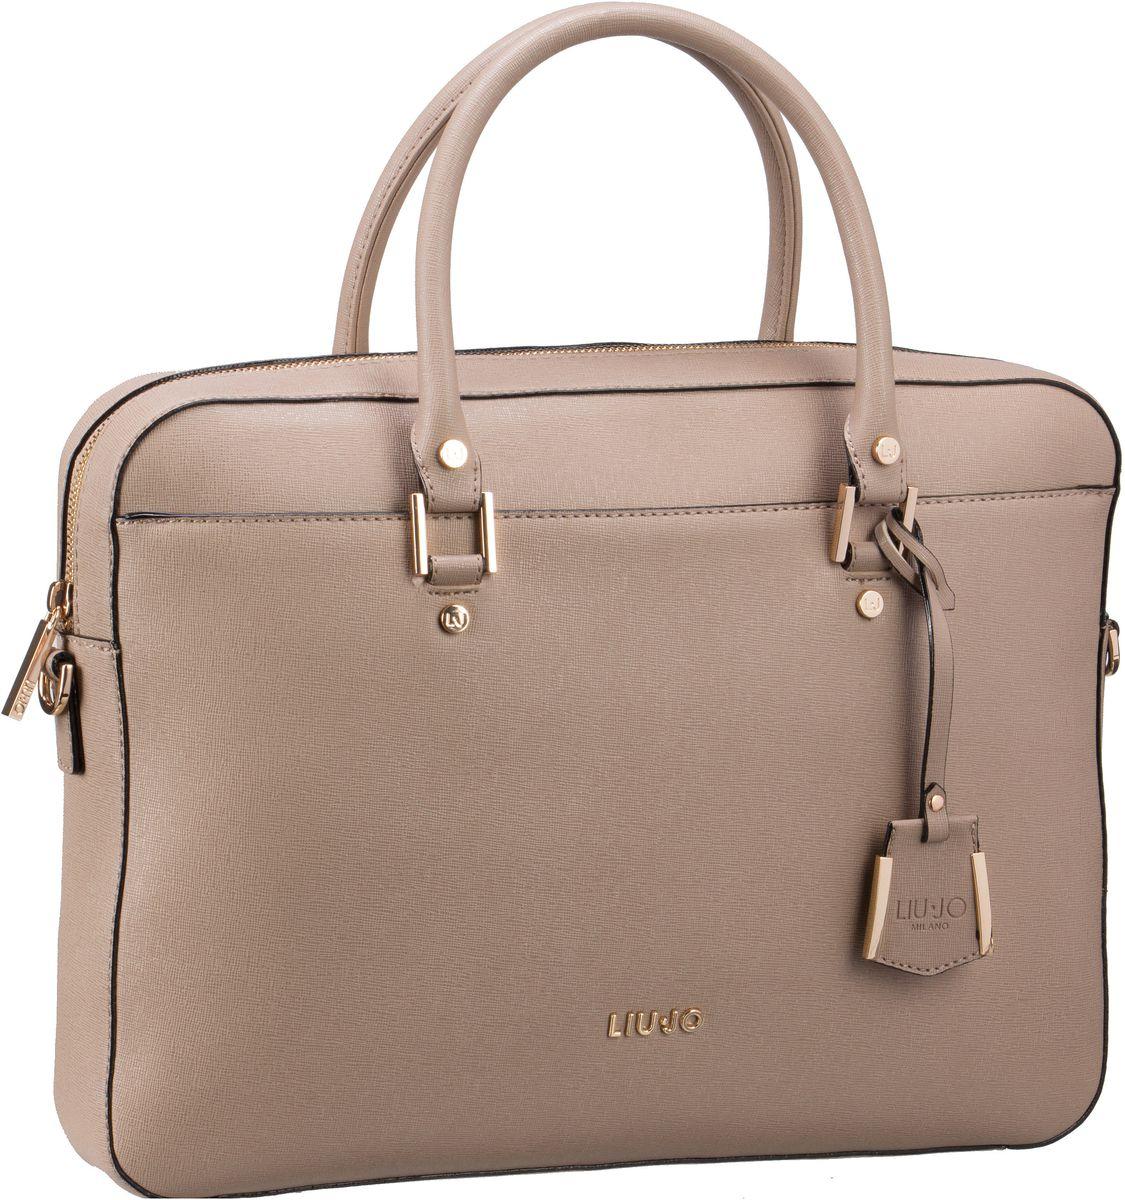 Handtaschen für Frauen - Liu Jo Handtasche Isola Briefcase L Arenaria  - Onlineshop Taschenkaufhaus